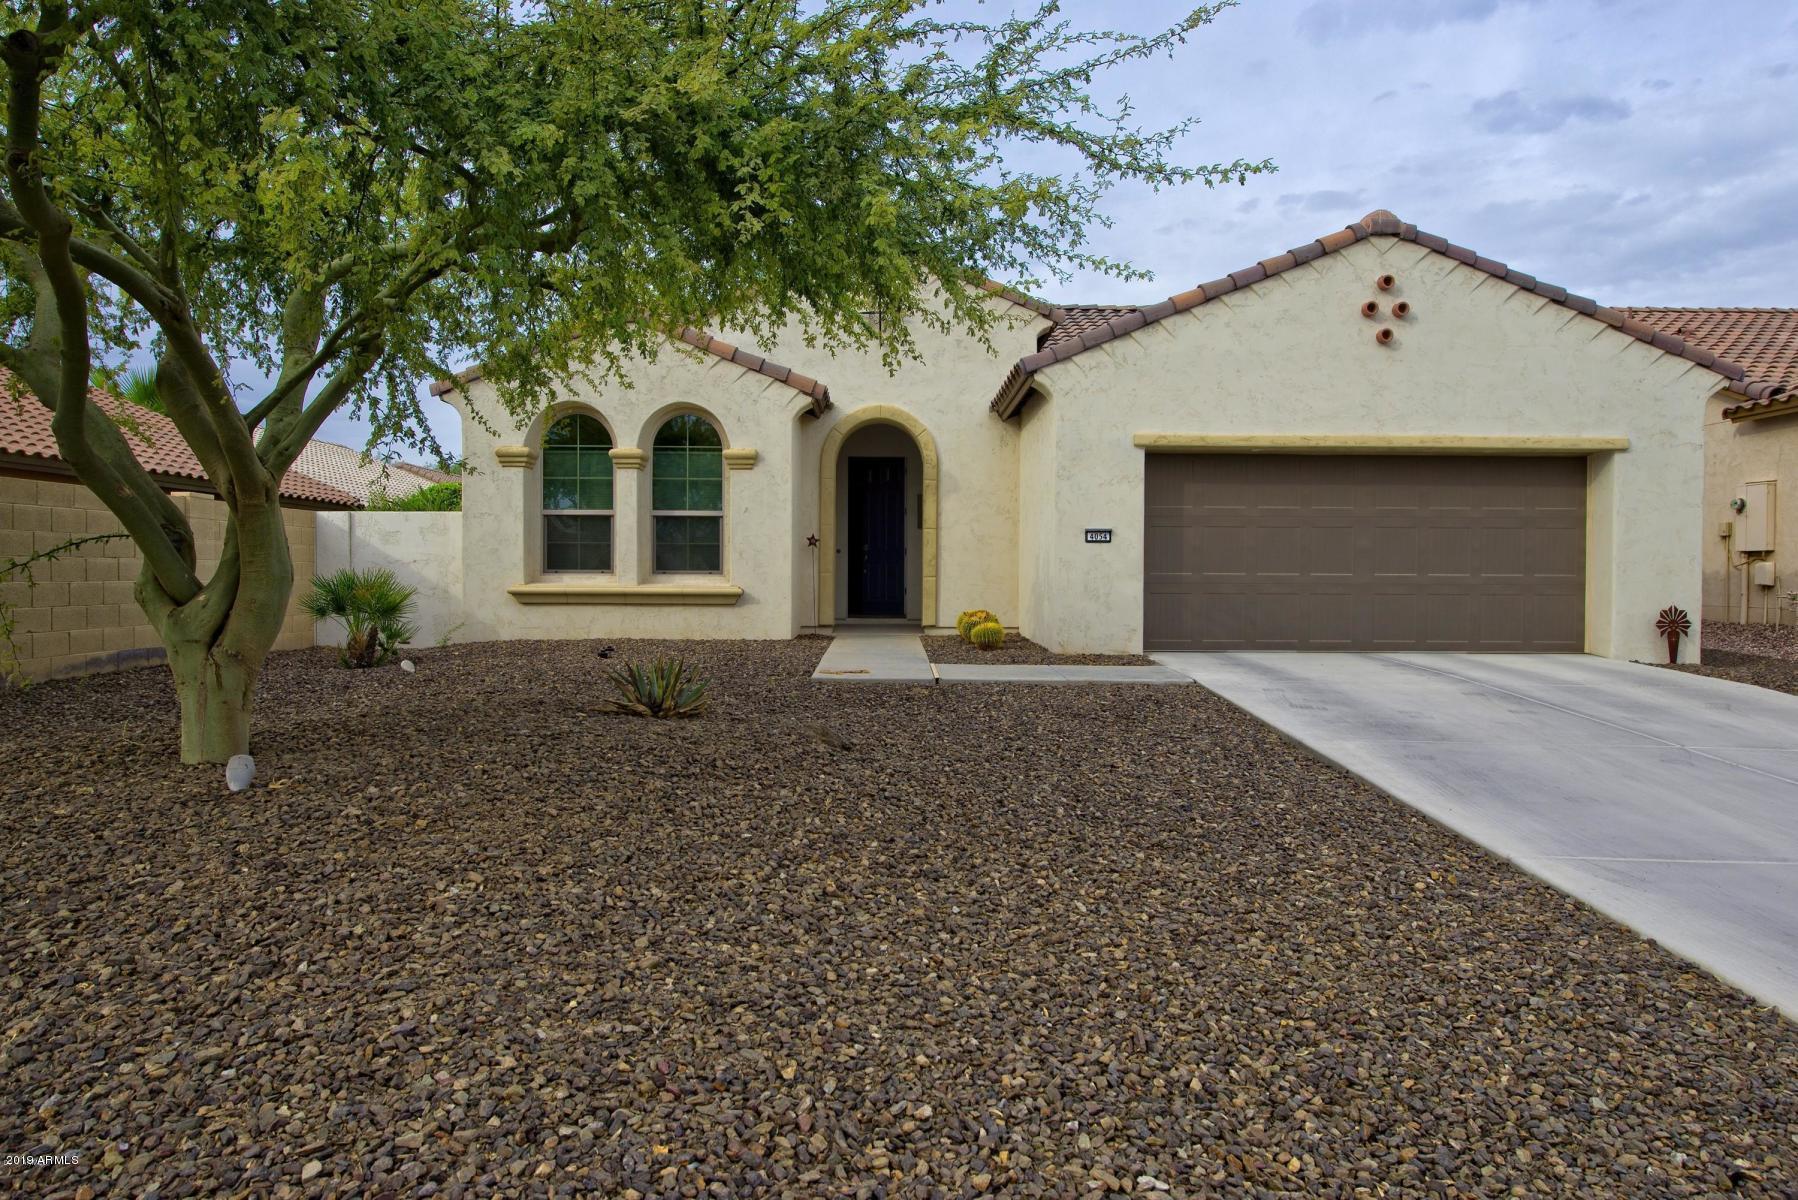 Photo of 4054 N 161ST Lane, Goodyear, AZ 85395